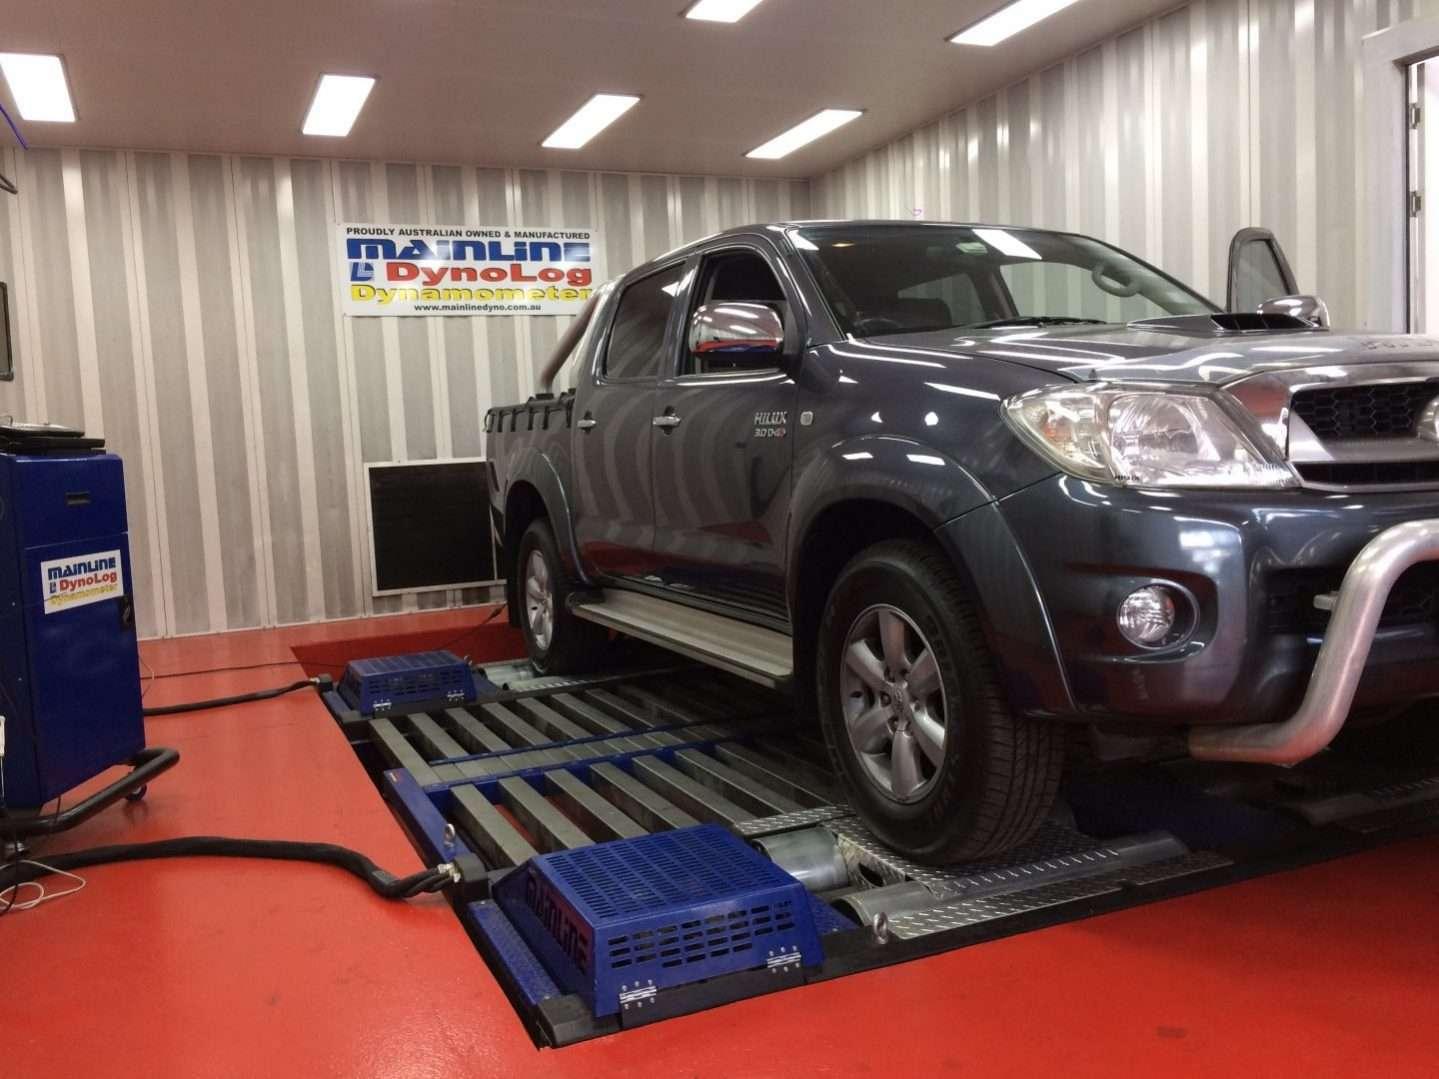 Toyota Hilux 3 0 D4D 3 0L 126 kW ECU REMAP - Diesel tuning